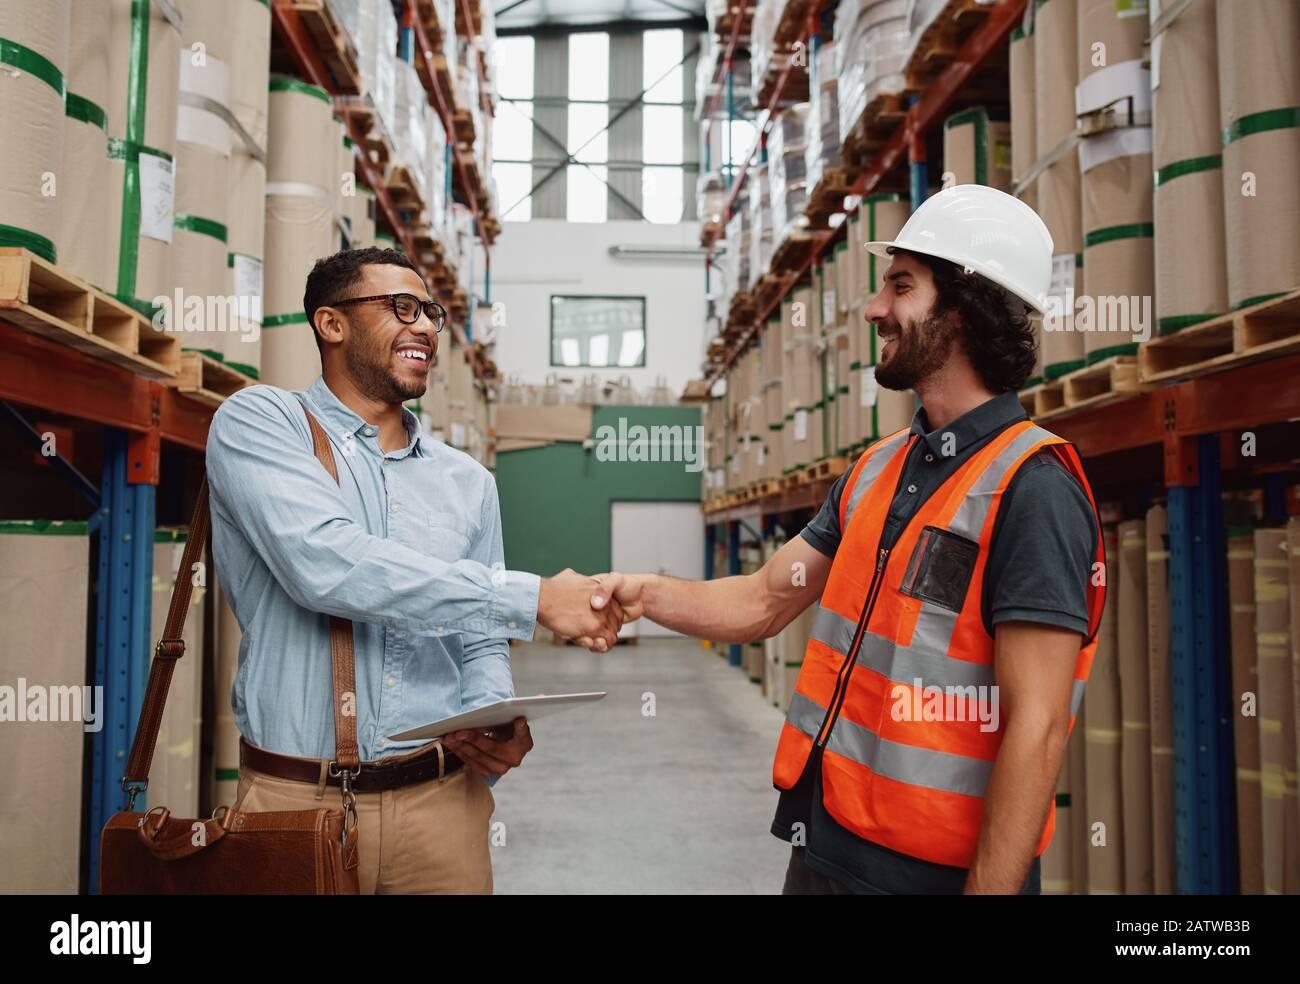 Heureux partenaire d'affaires saluant travailleur d'entrepôt dans une usine à grande échelle - banquier accorde au travailleur d'usine son prêt Banque D'Images